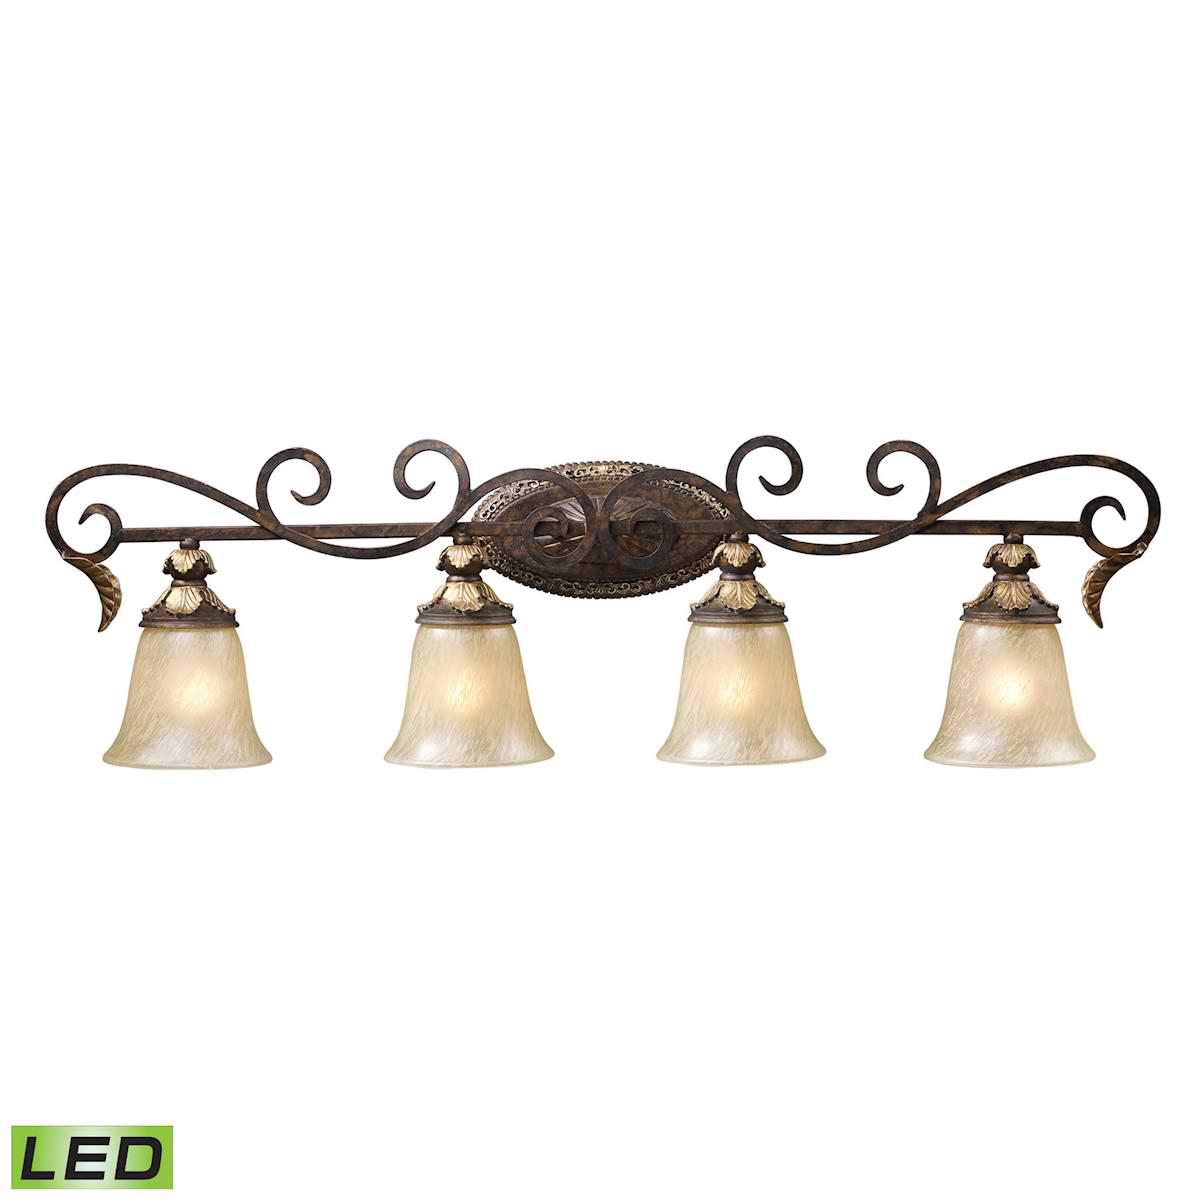 4 Light Vanity Lt in Burnt Bronze - LED, 800 Lumens (3200 Lumens Total) with Full Scale Dimming Range